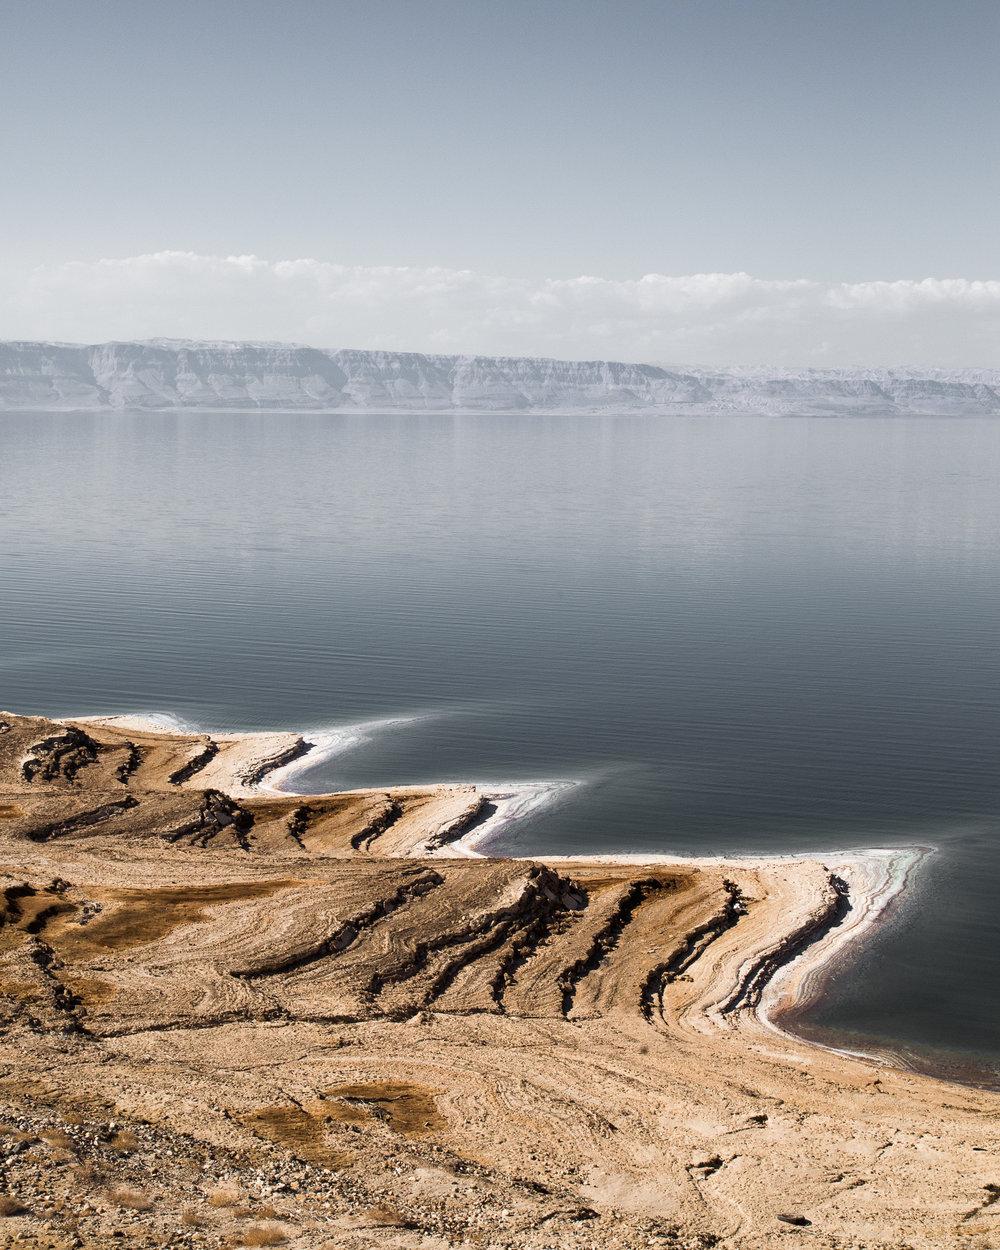 visit_jordan-129.jpg